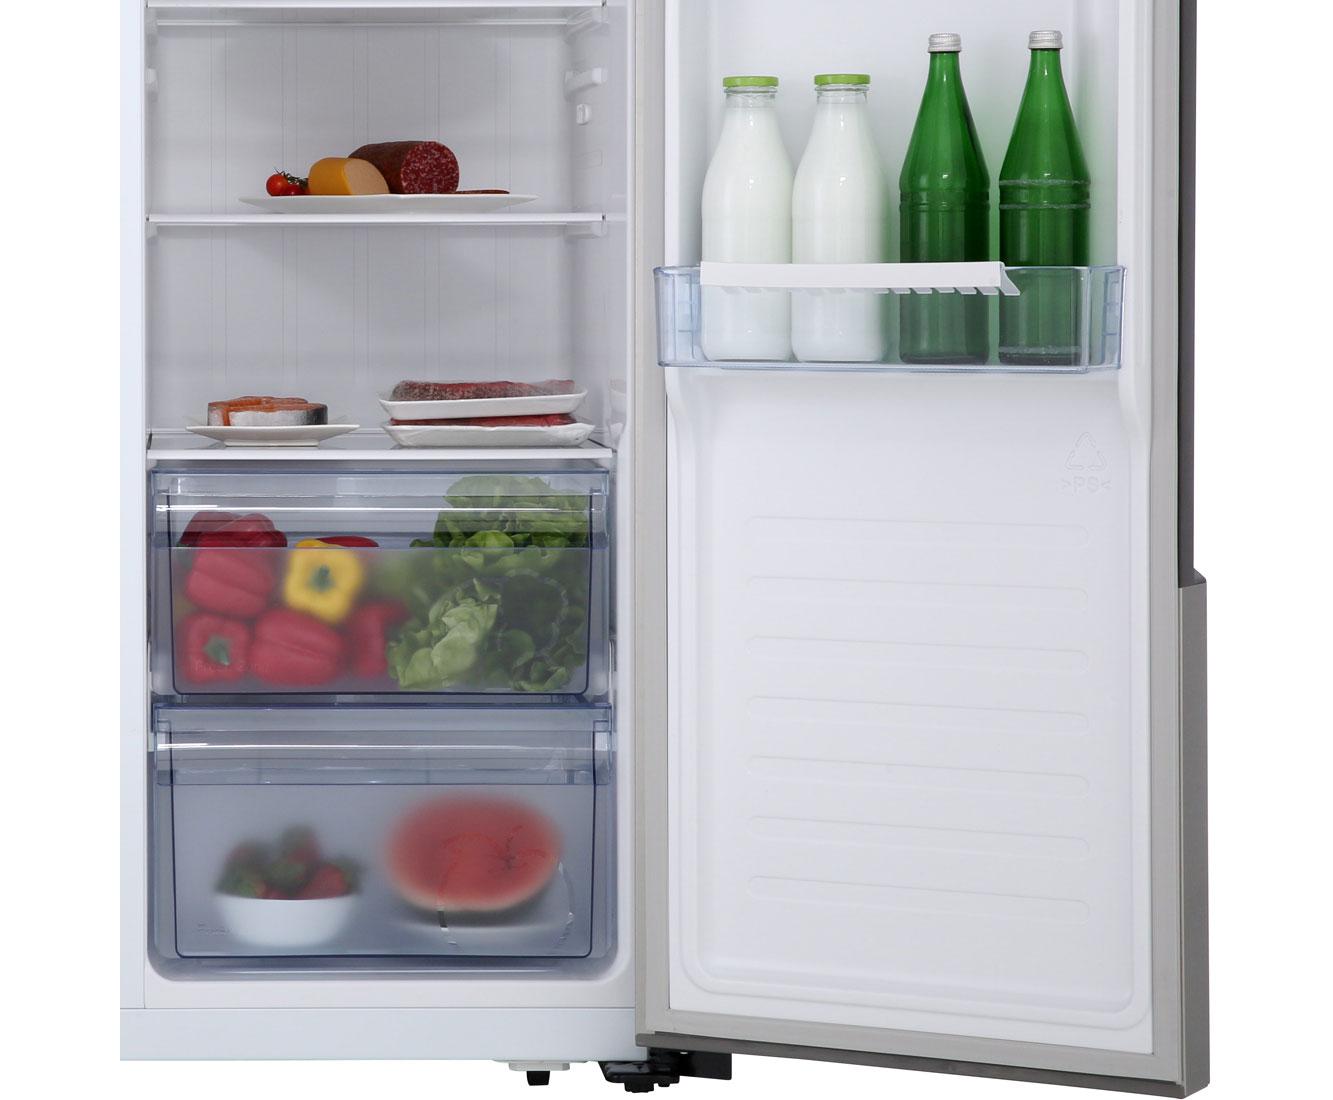 Amerikanischer Kühlschrank Eiswürfel Riechen : Hisense sbs a el amerikanischer side by side l